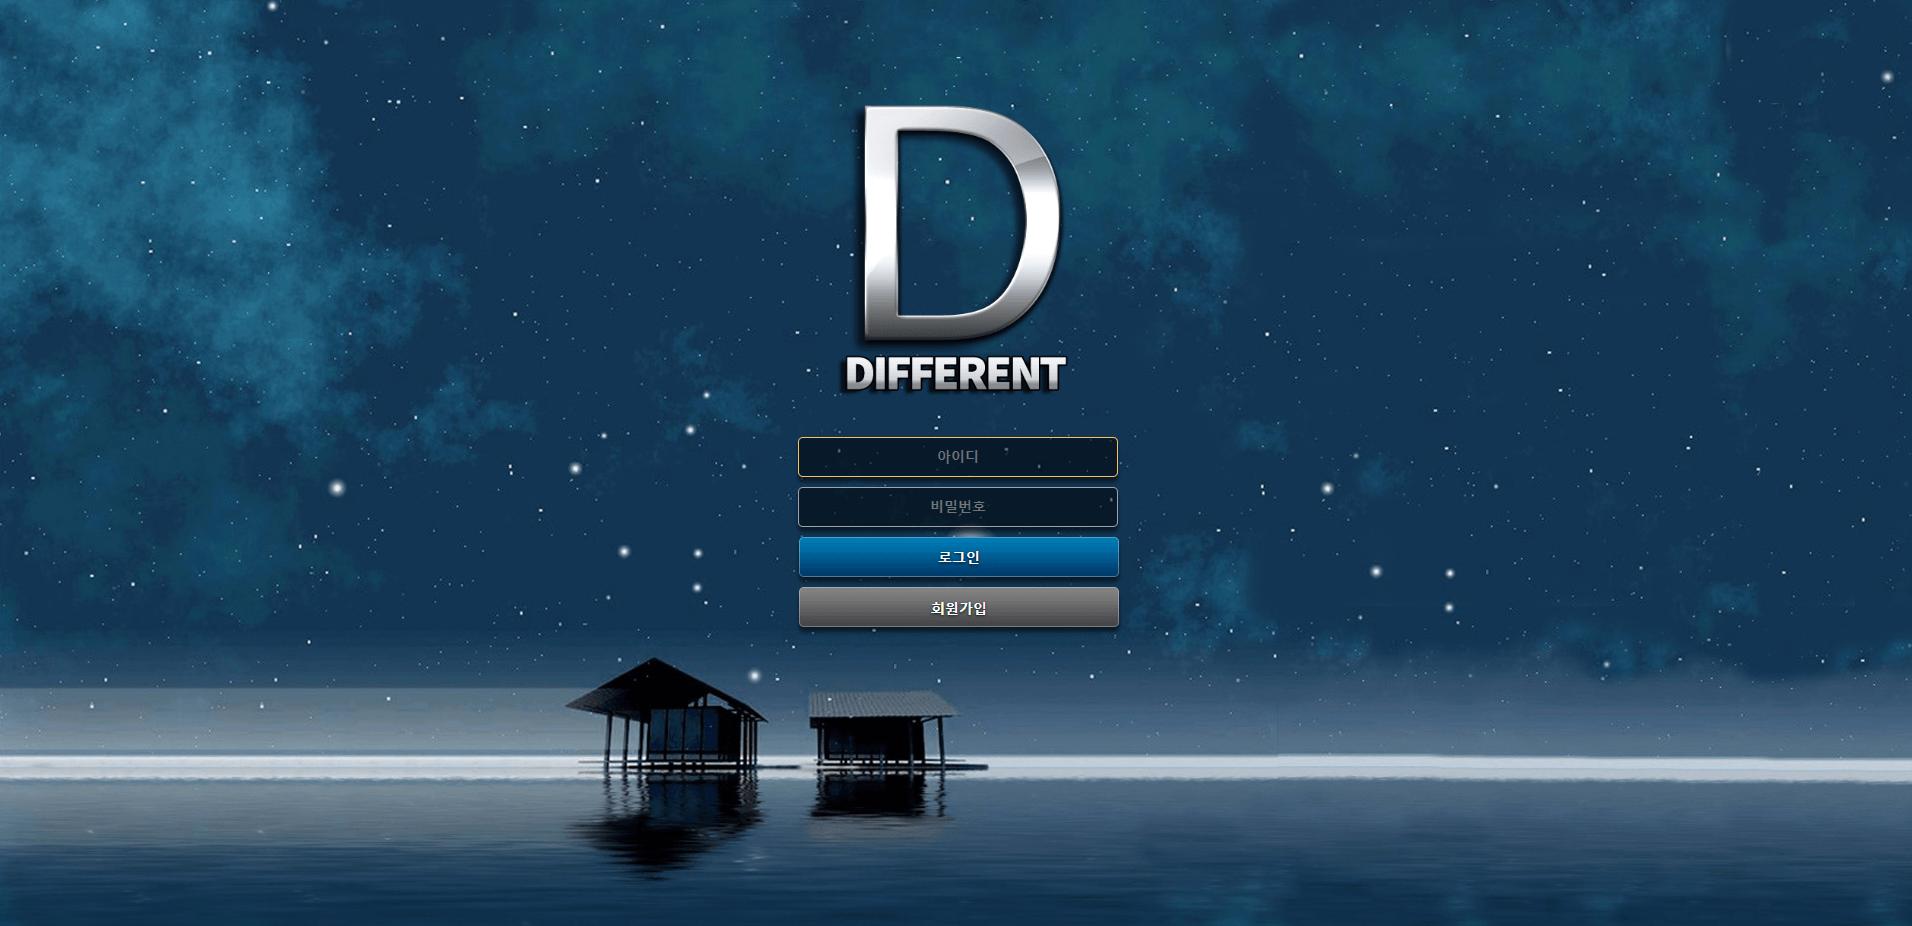 [먹튀검증]디프런트(Different) df-2020.com 먹튀사이트확정 토토사이트 먹튀검증업체 토토안내소